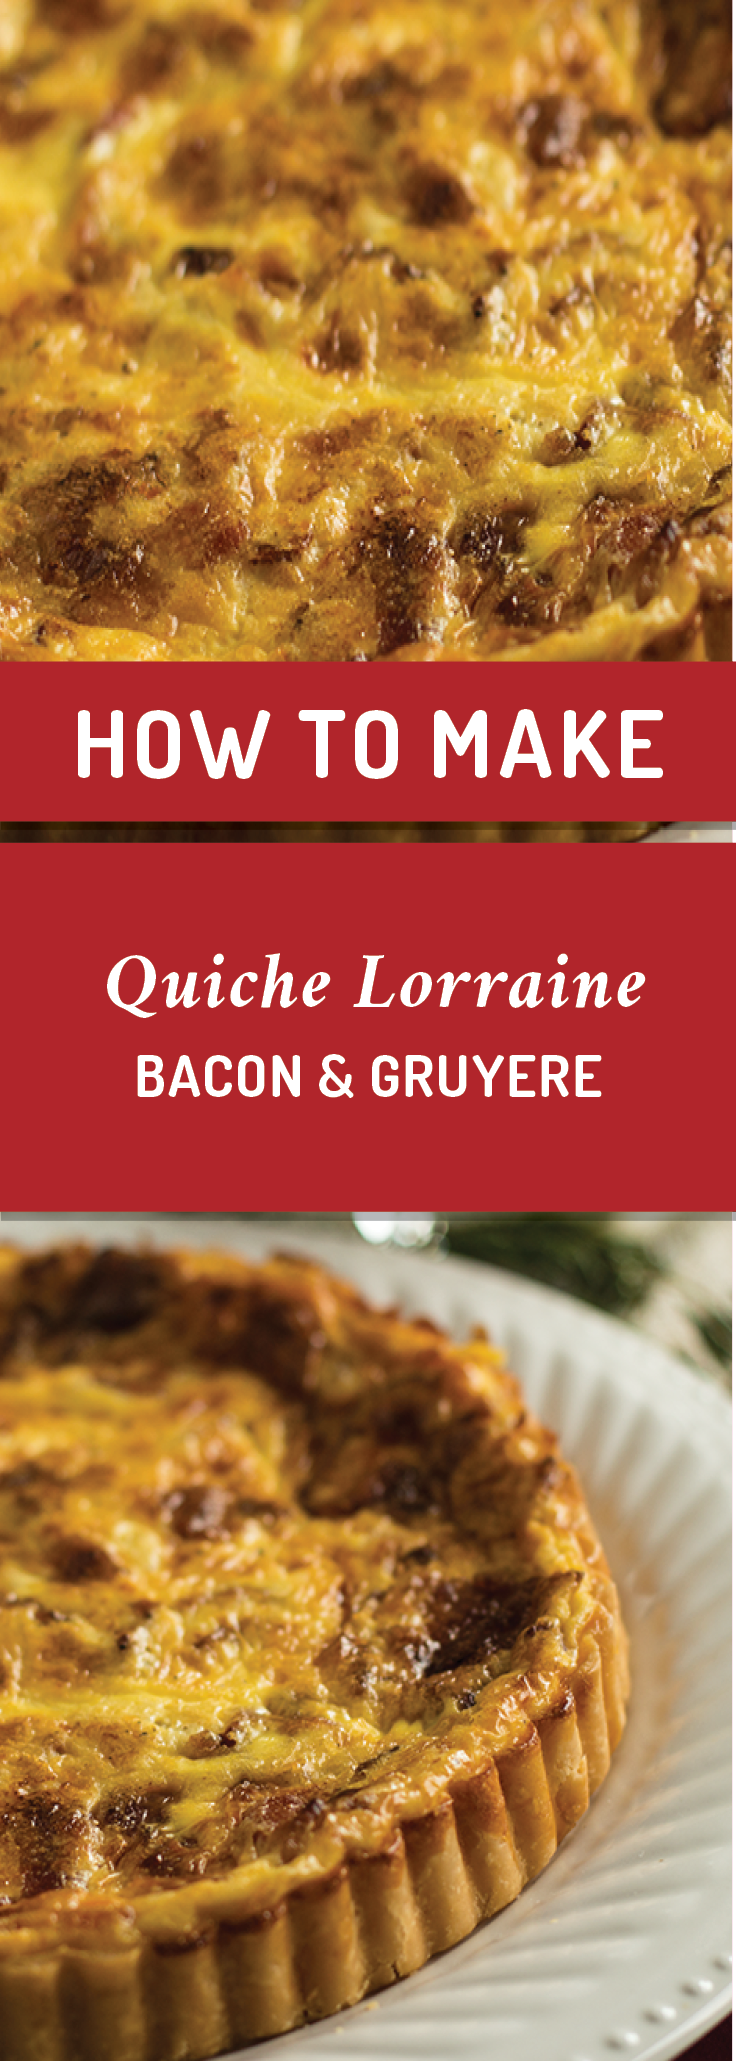 Quiche Lorraine Recipe Buttermilk Recipes Quiche Lorraine Crispy Bacon